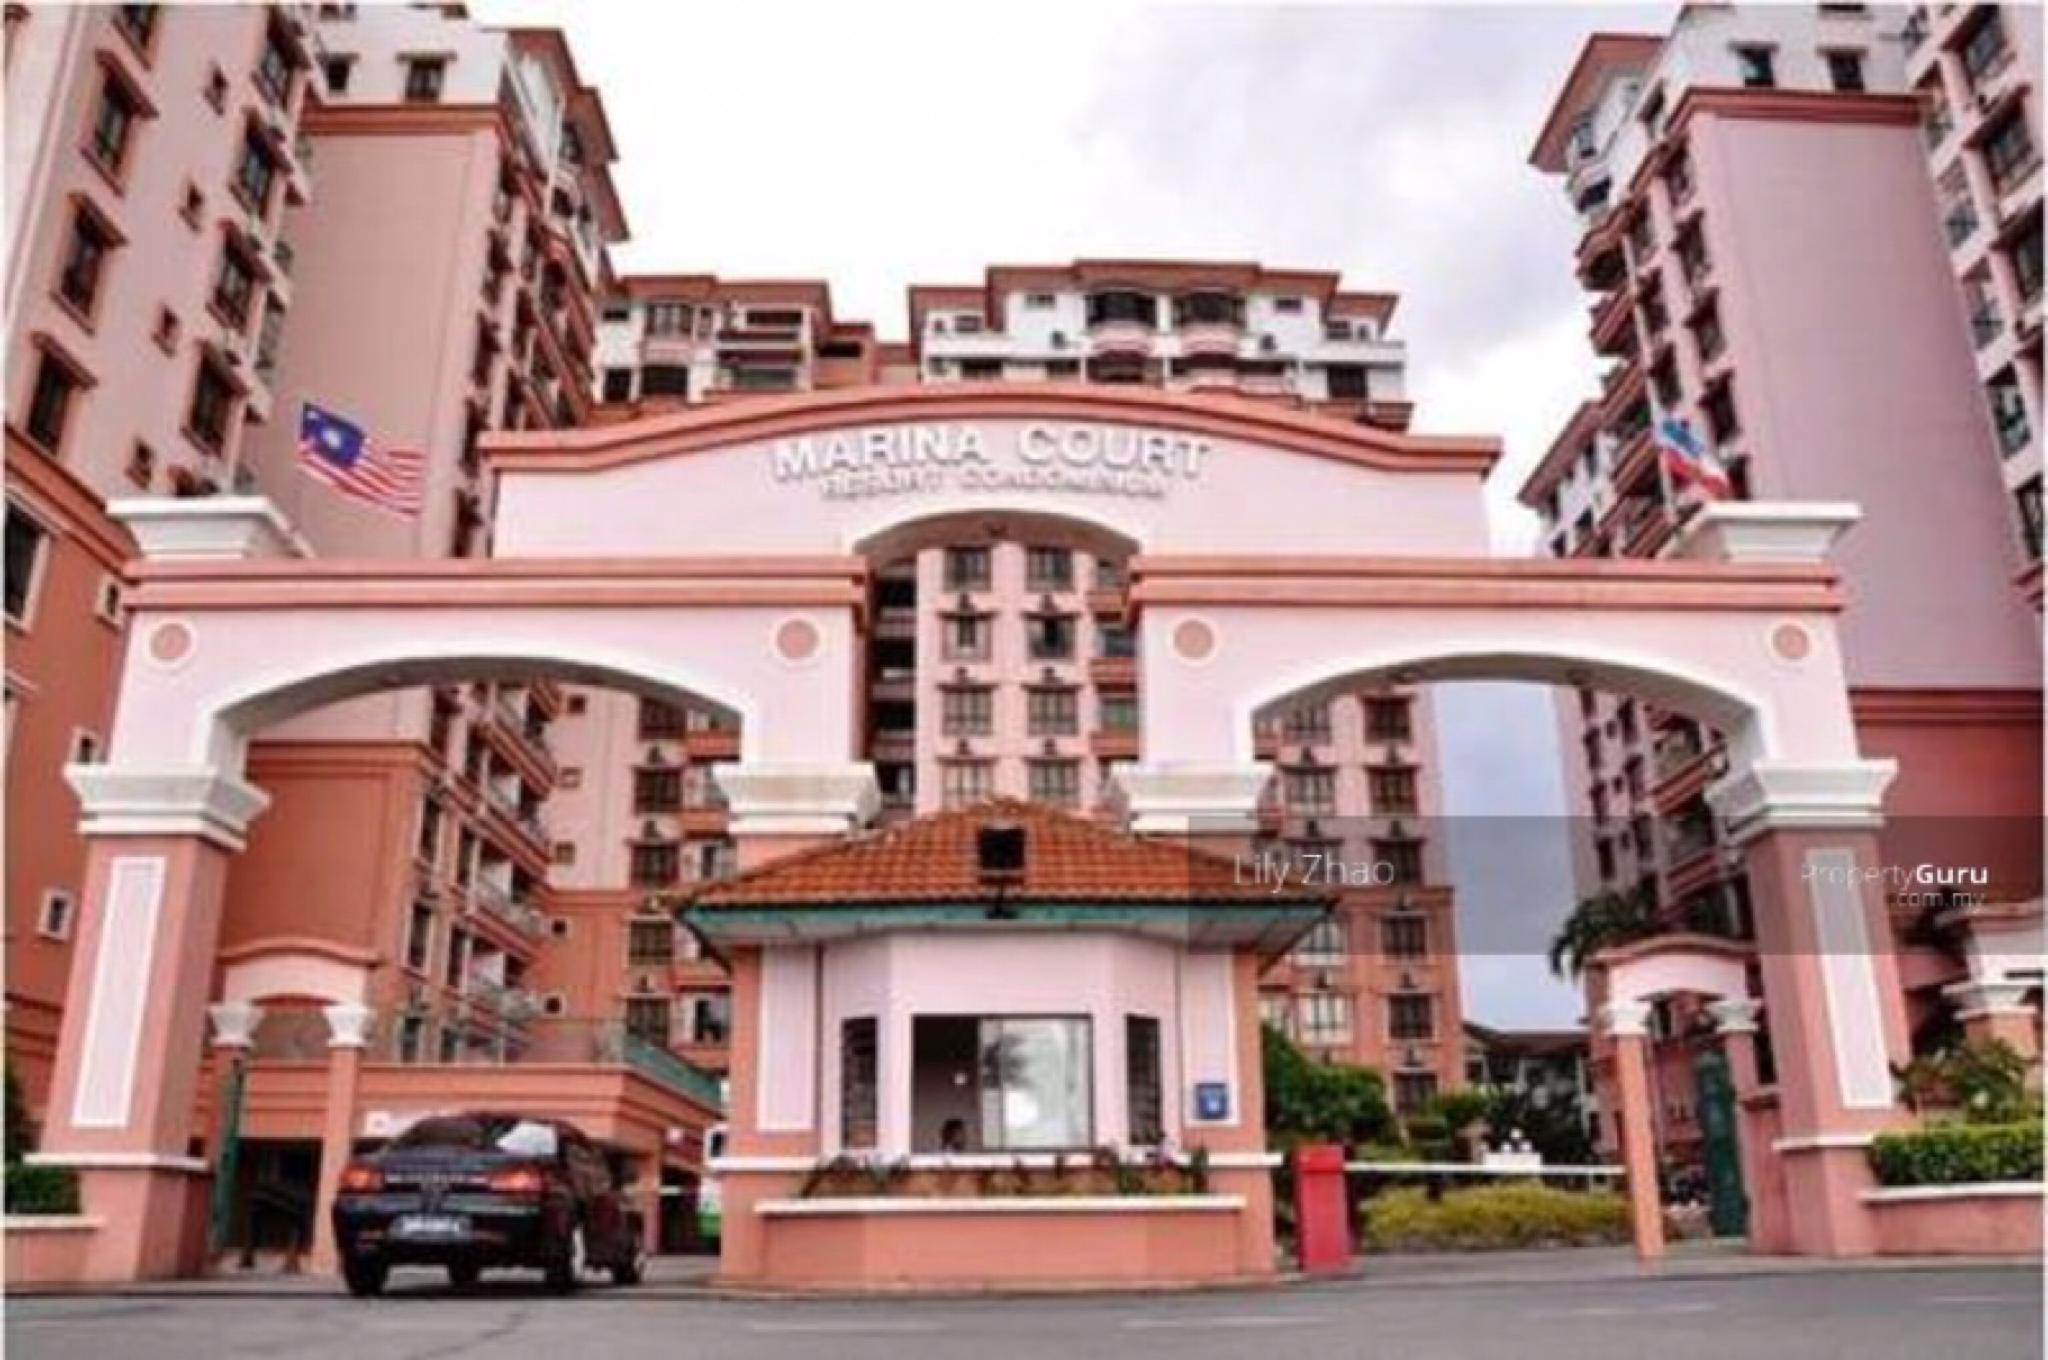 3BR Kota Kinabalu Marina Court Resort Condo